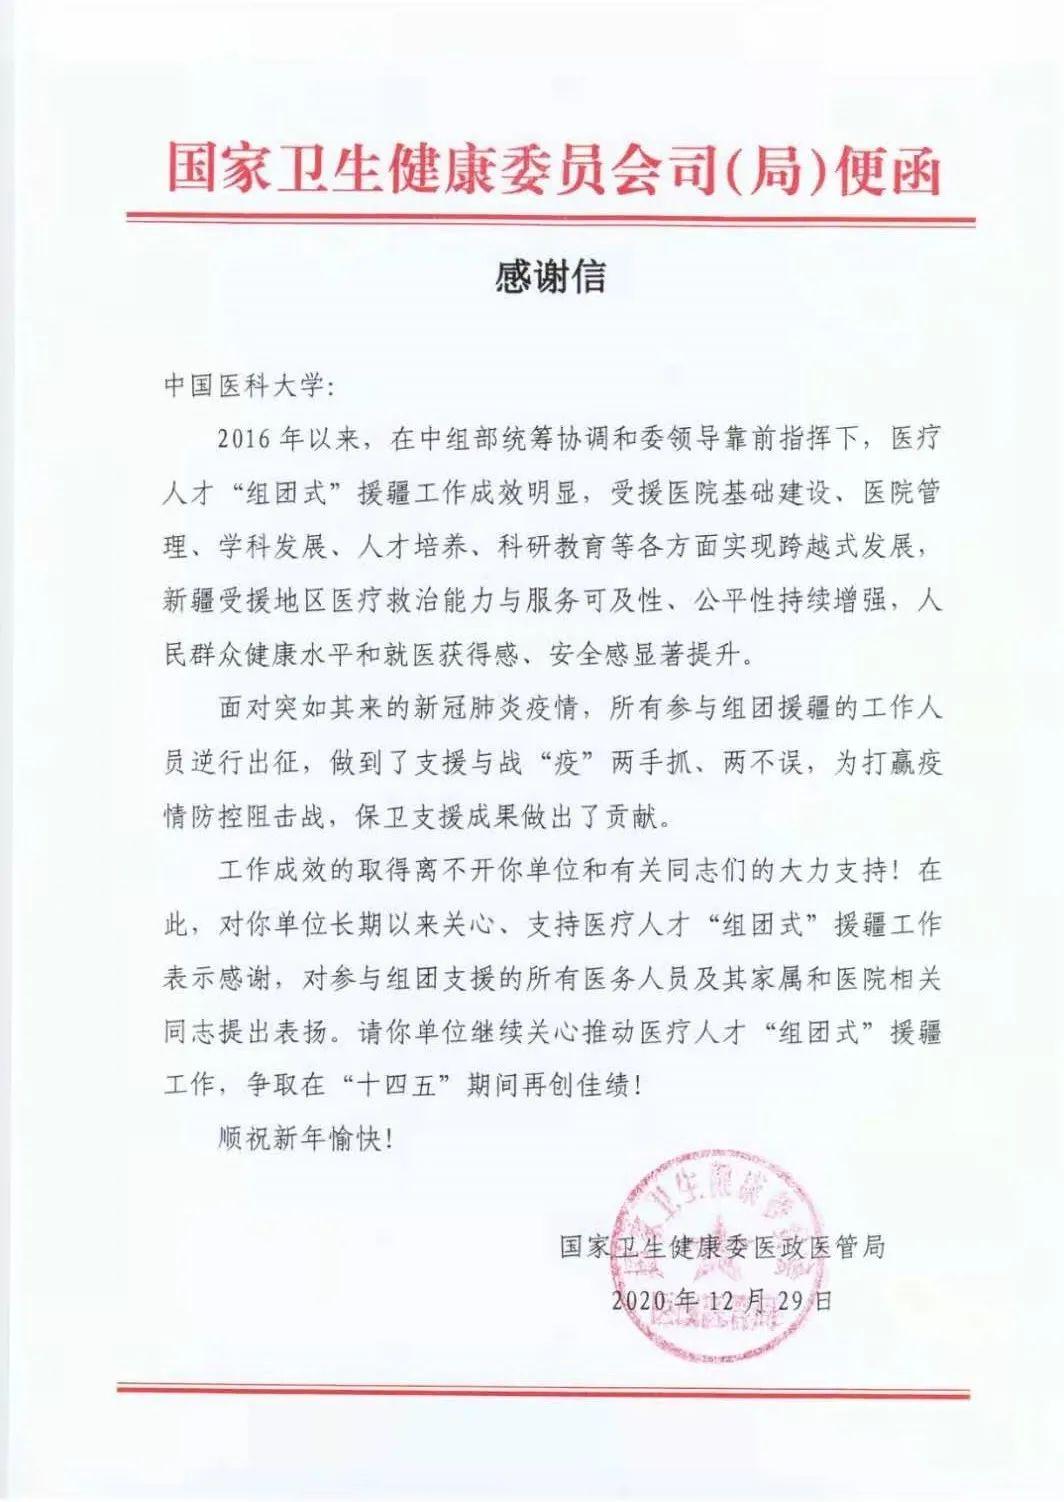 国家卫健委医政医管局致中国医科大学的感谢信图片